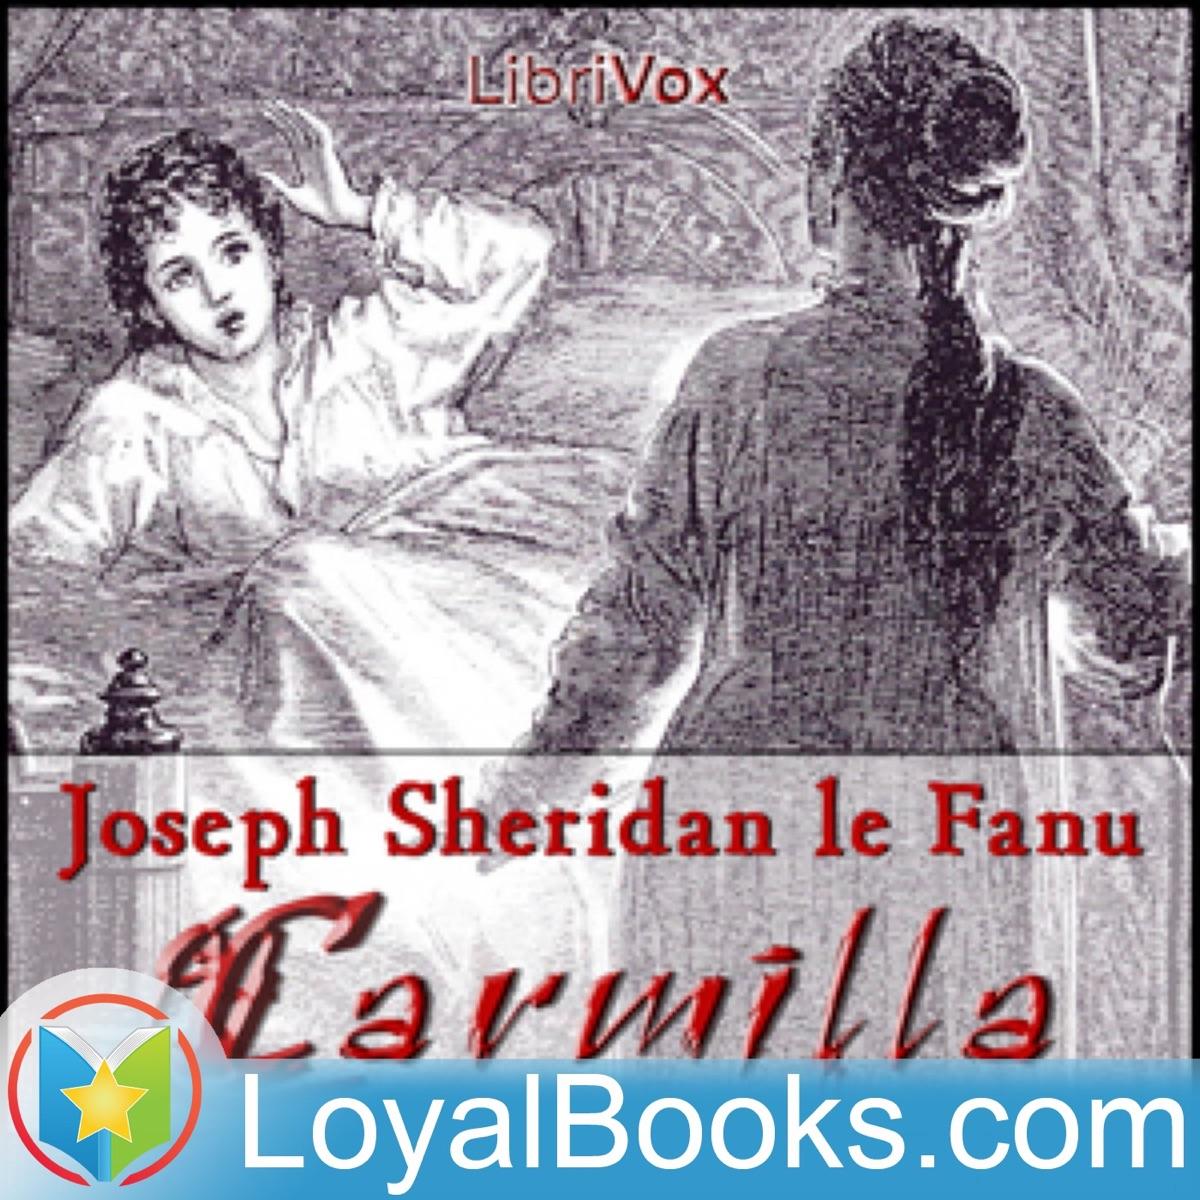 Carmilla by Joseph Sheridan LeFanu